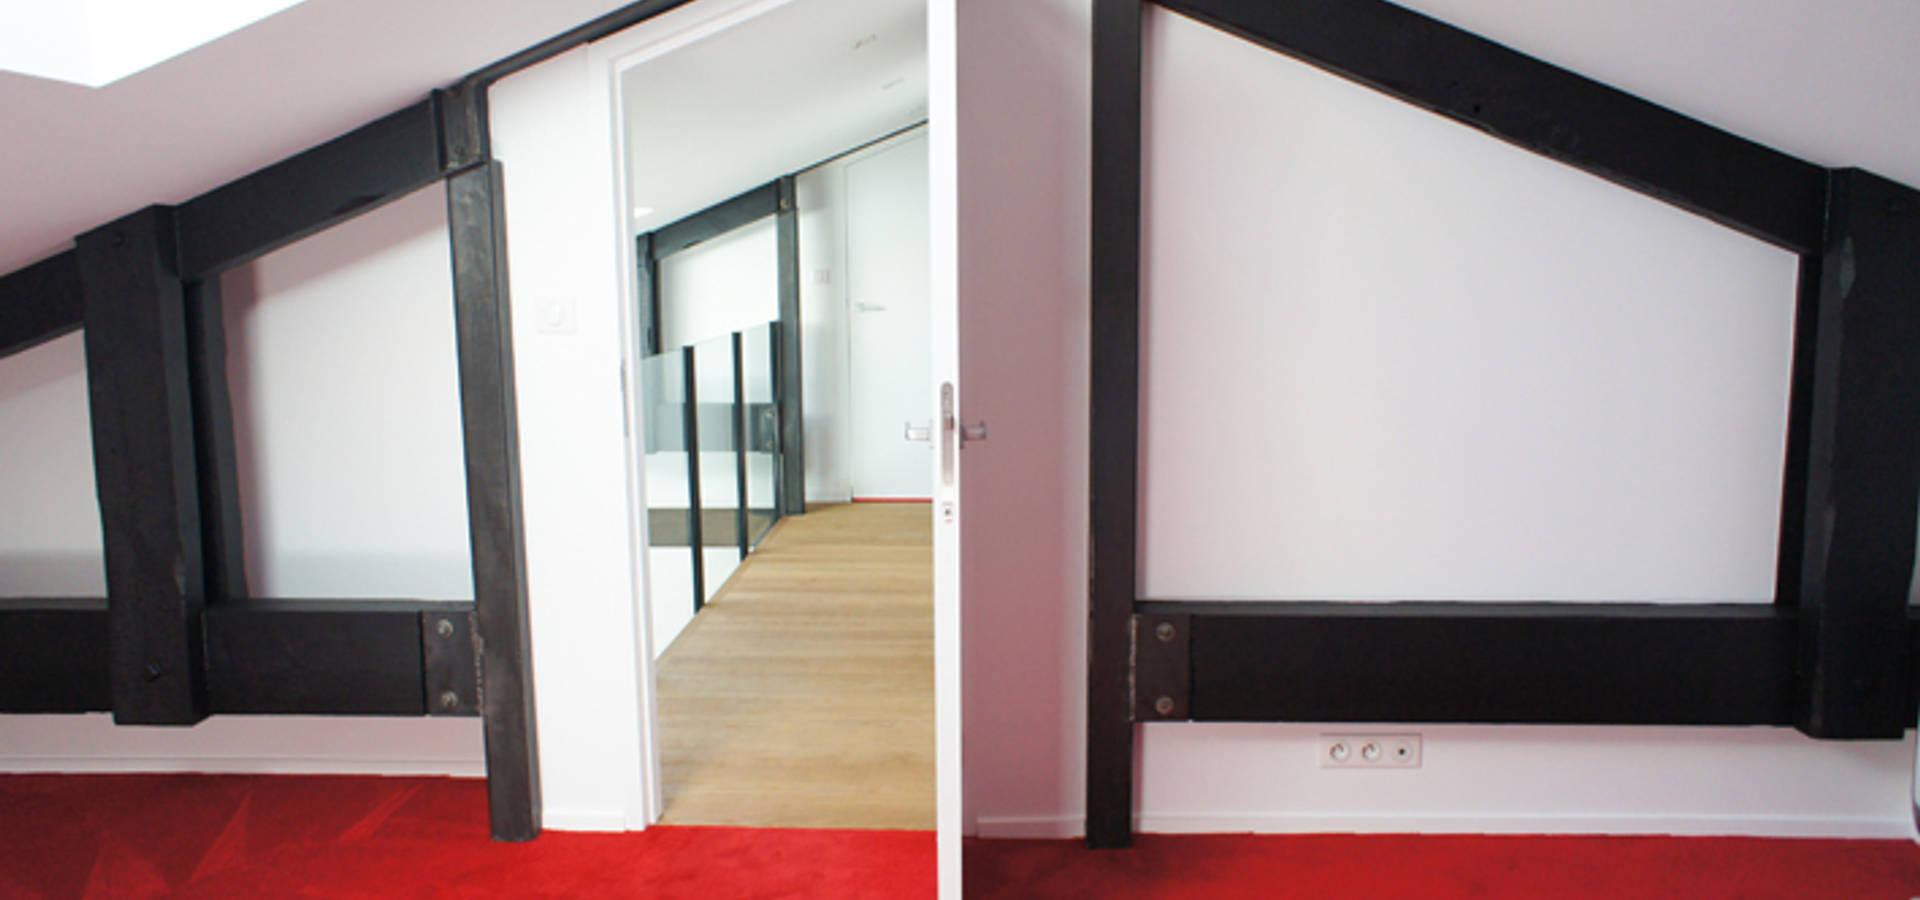 Architecte Interieur La Rochelle agence mur-mur: architectes d'intérieur à la rochelle sur homify